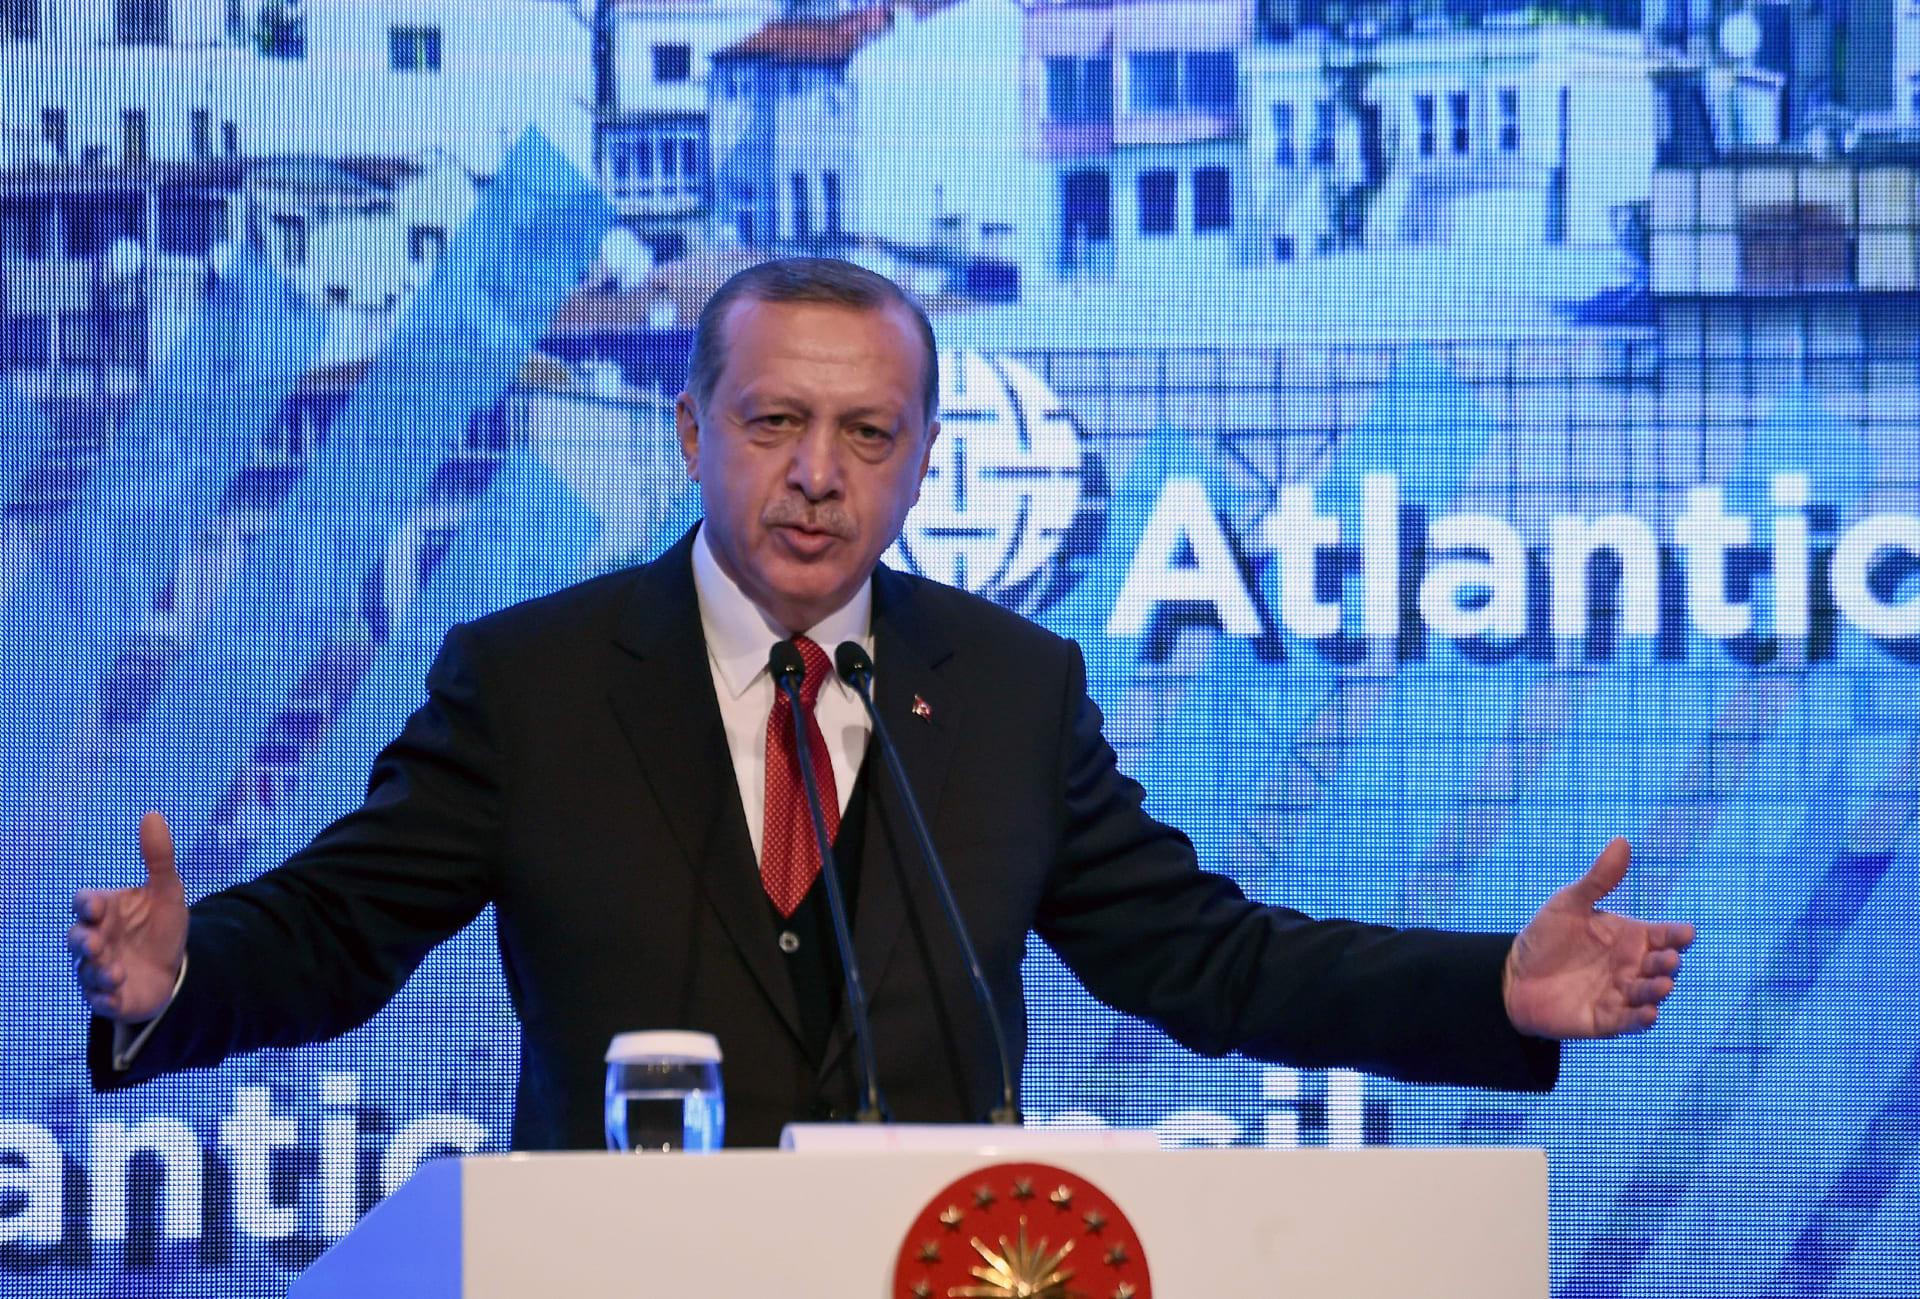 أردوغان: نريد زيادة حجم التجارة بين تركيا وأمريكا.. والعلاقات بين الدولتين ستتحسن في ظل ترامب